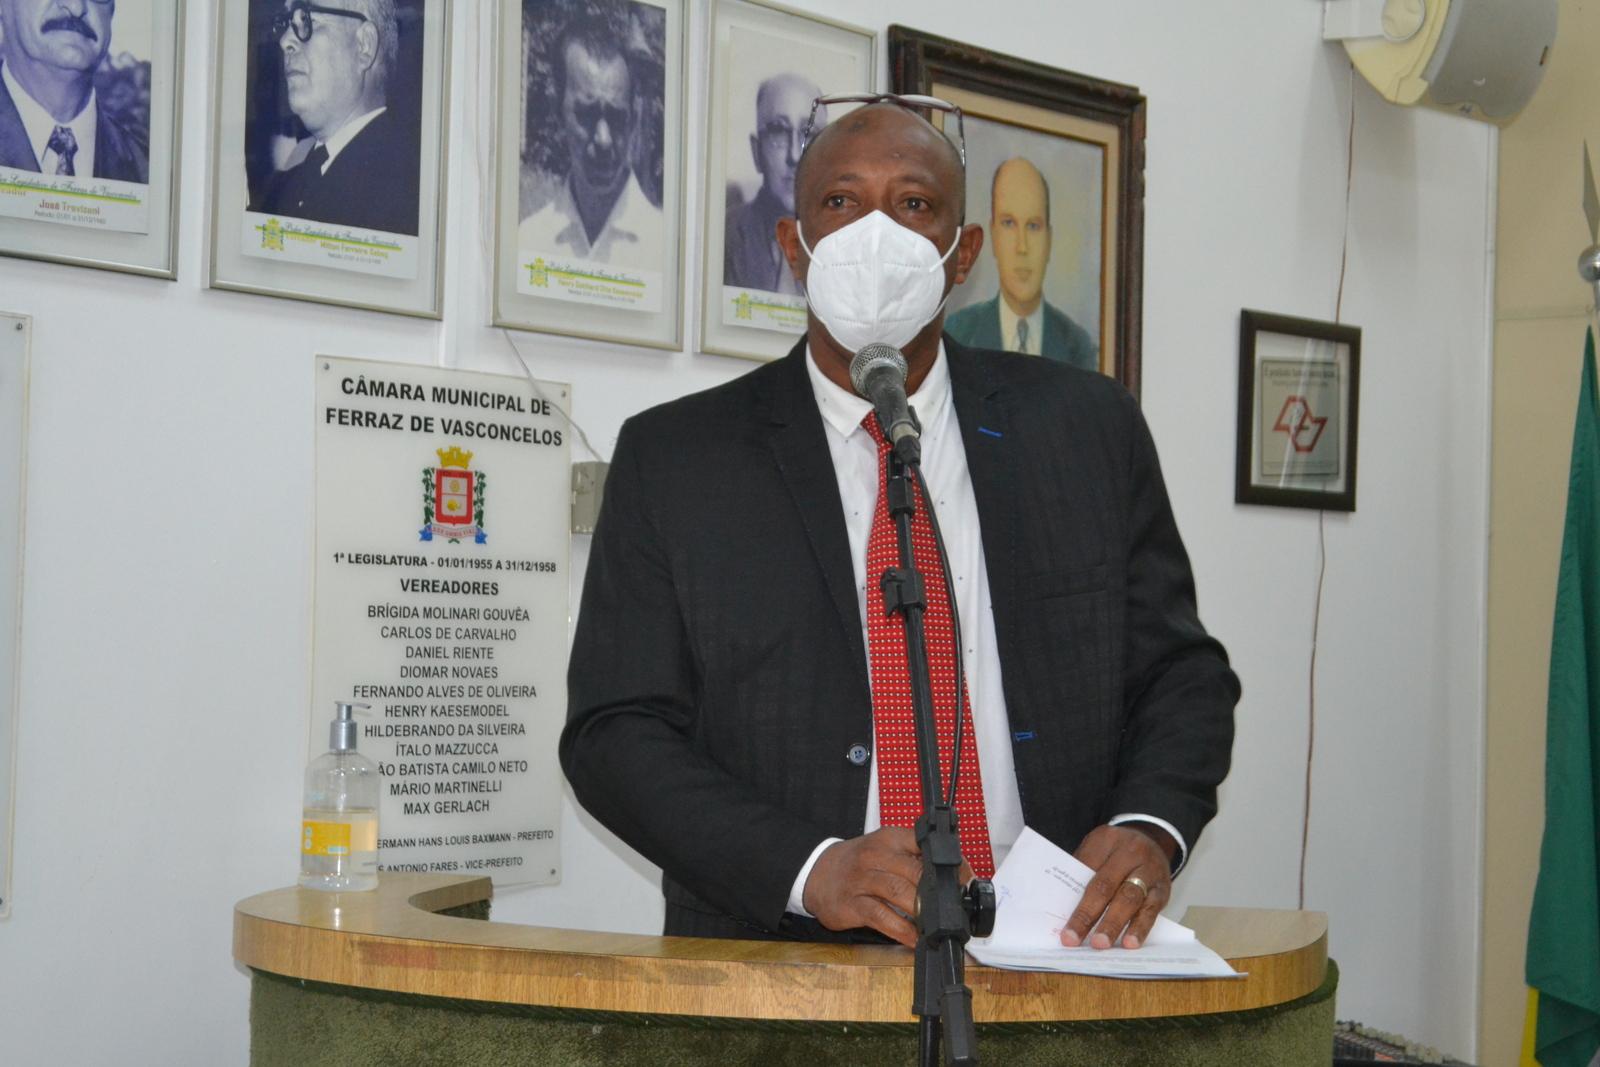 Vereador Tonho propõe a manutenção urgente da Creche Pastor Faria no Jardim Rosana